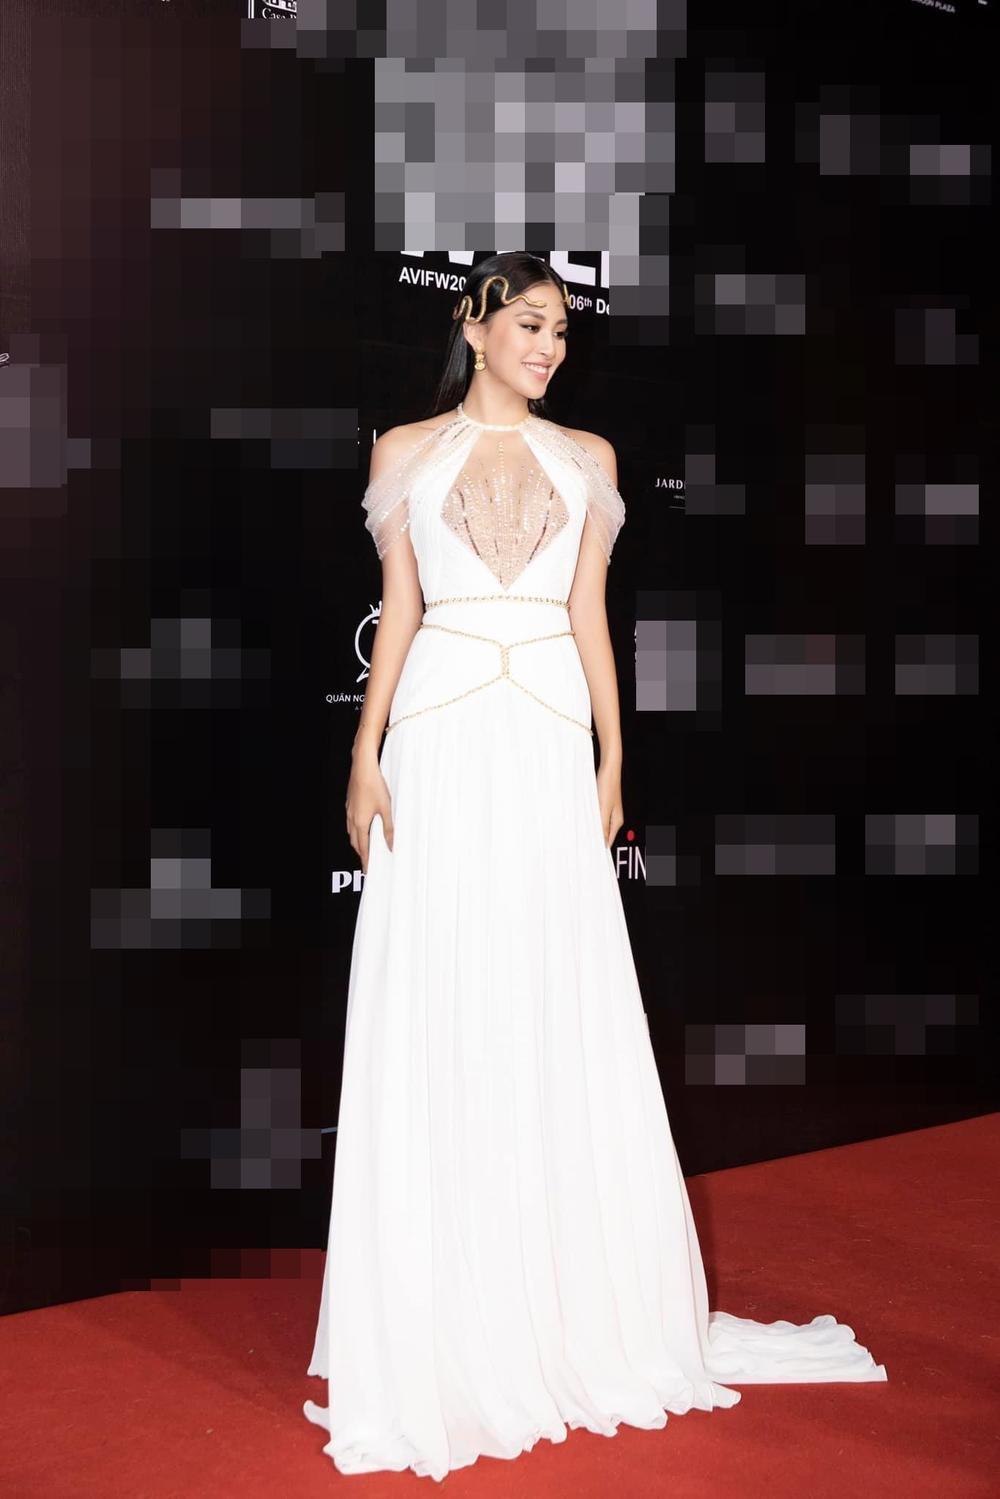 Hoa hậu Tiểu Vy mặc đầm hiểm hóc, ai cũng giật mình tưởng xuyên thấu vòng 1 Ảnh 2